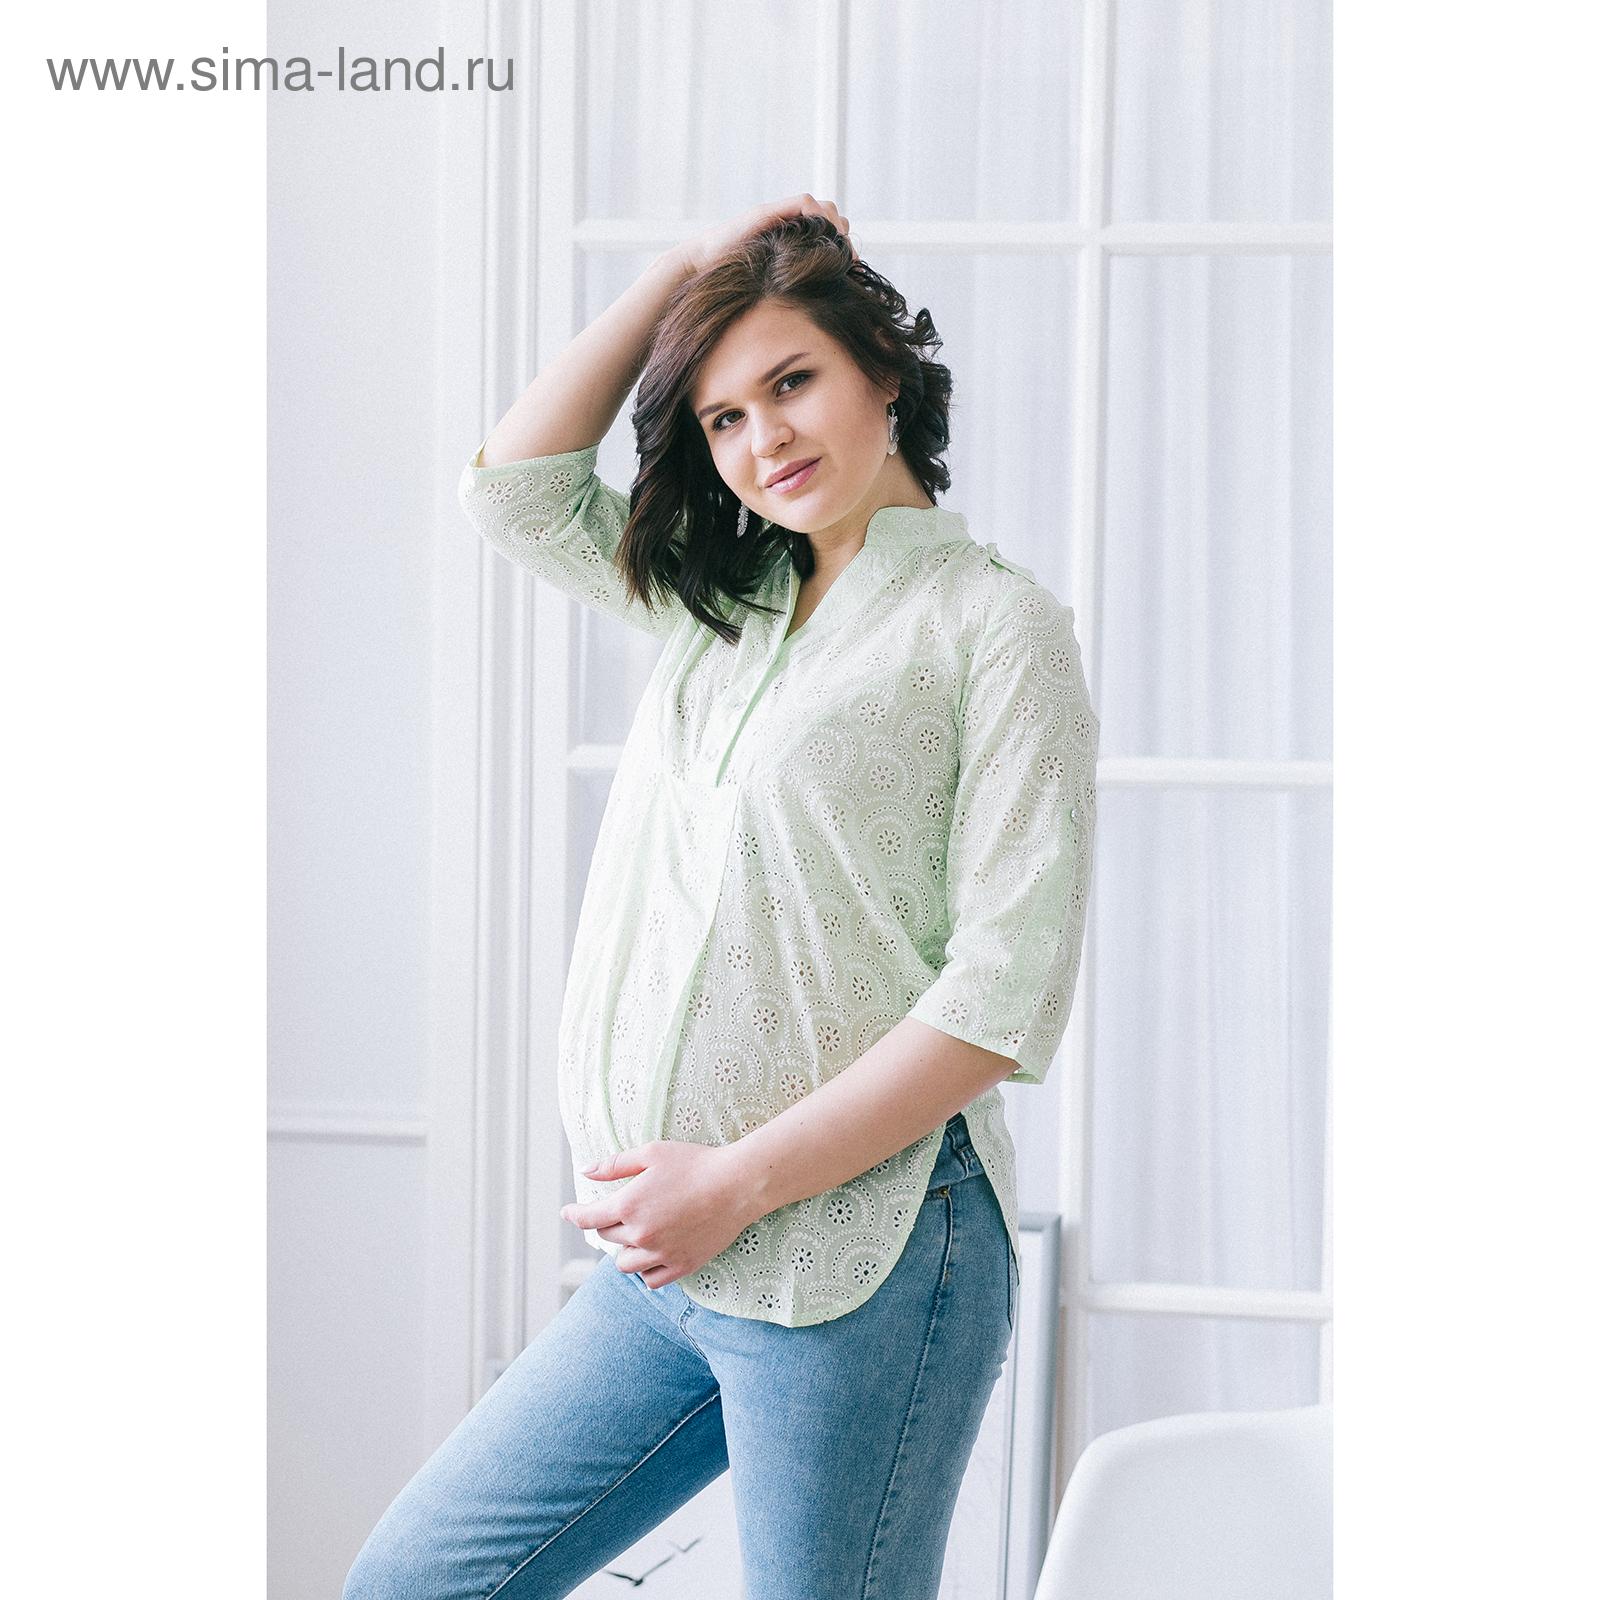 8d58bf9523eada0 Рубашка женская 15117, цвет салатовый, размер 50, рост 170 (1397371 ...